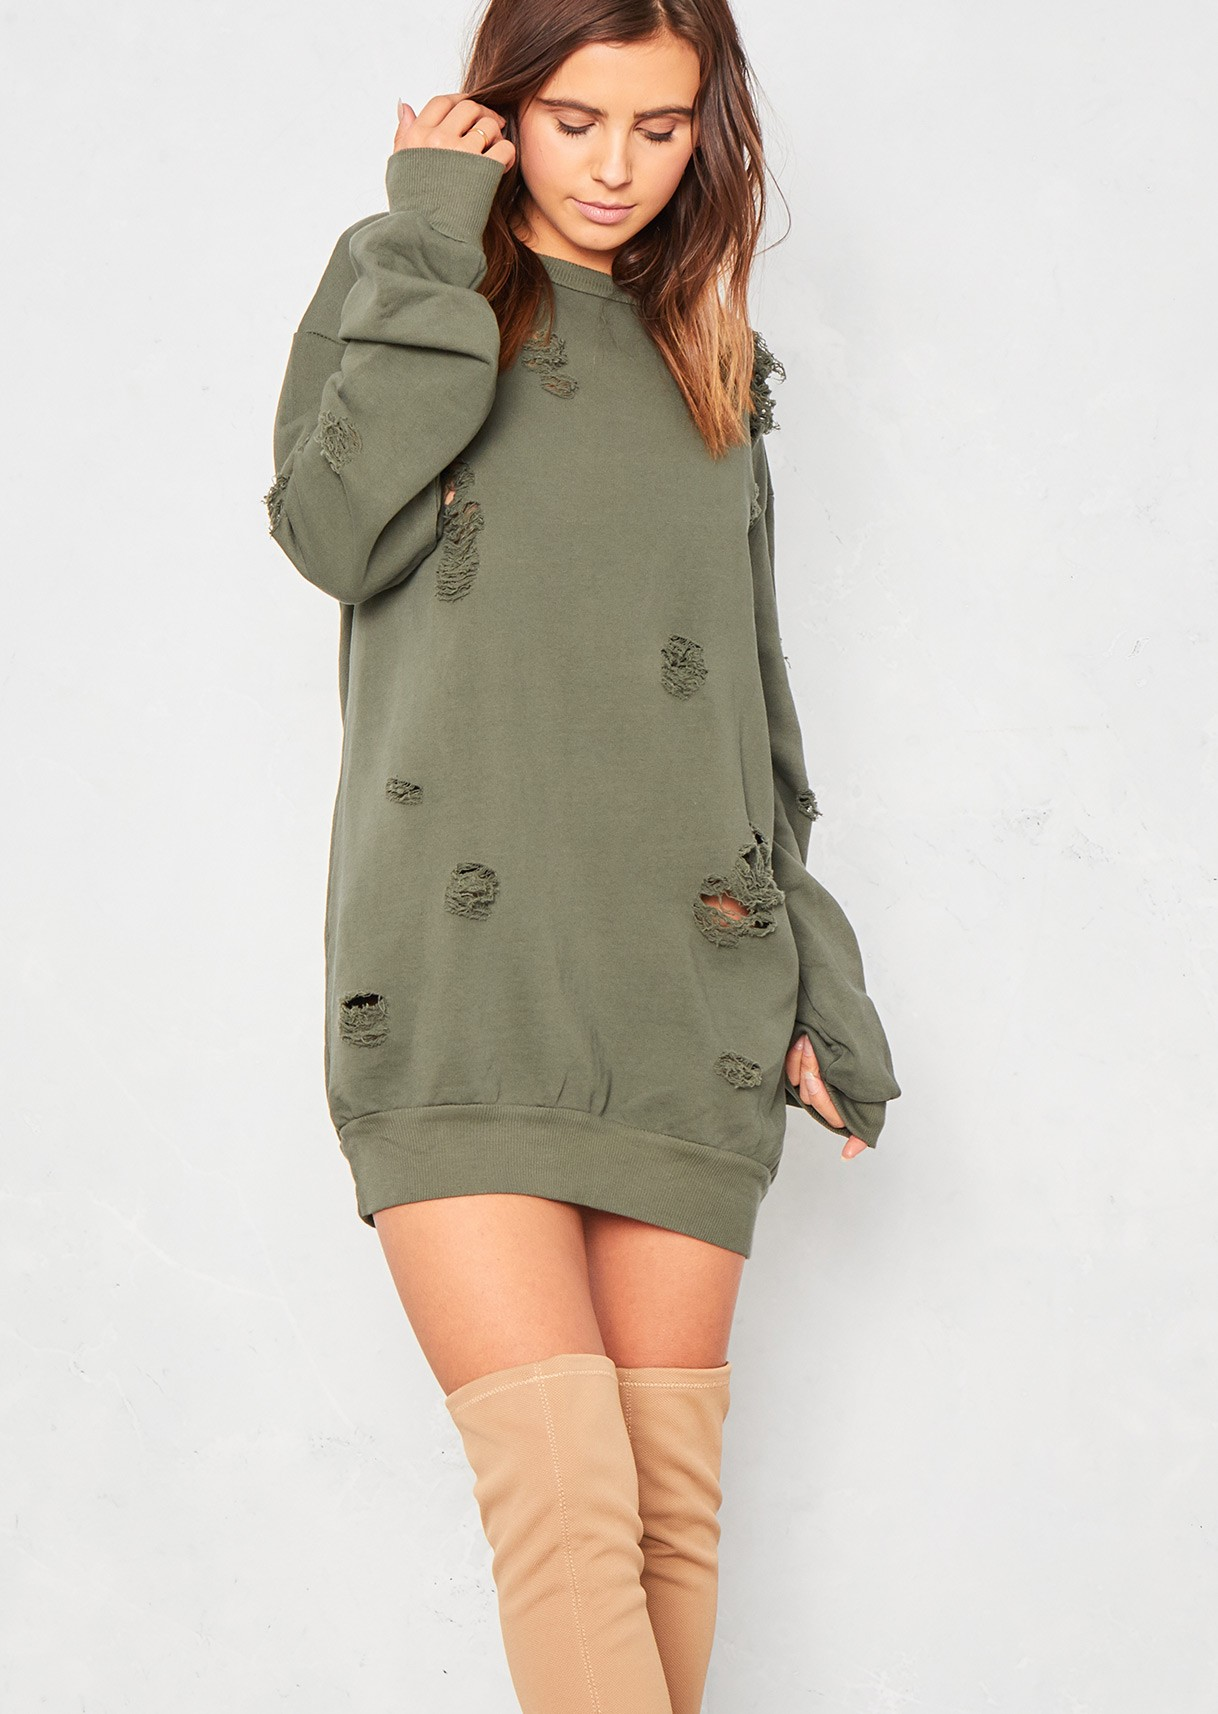 kimye khaki distressed jumper dress LSRXBAL